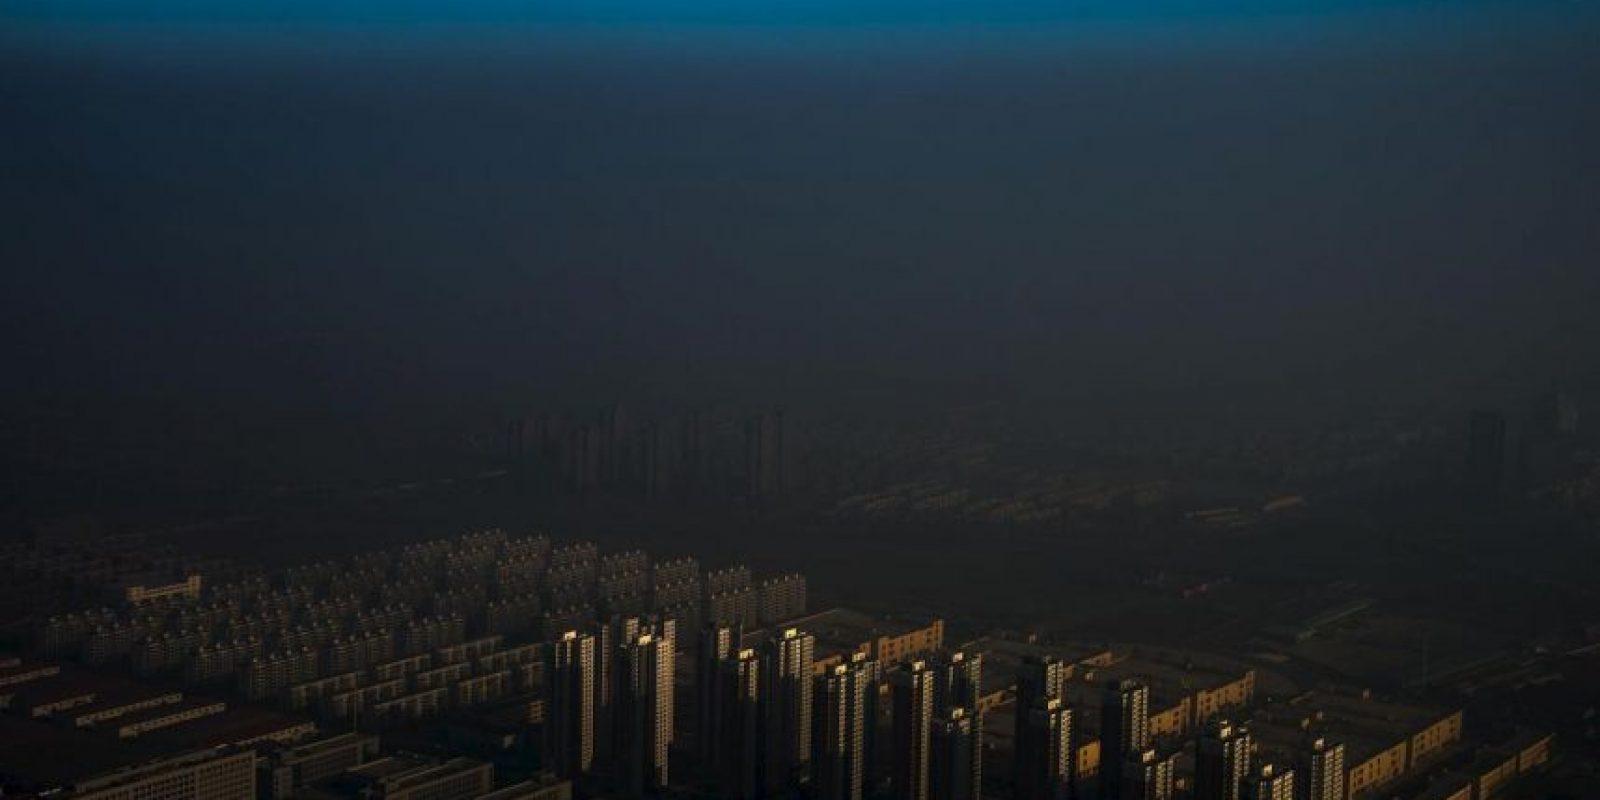 Zhang Lei. Una ciudad en el norte de China envuelta en bruma. Foto:worldpressphoto.org